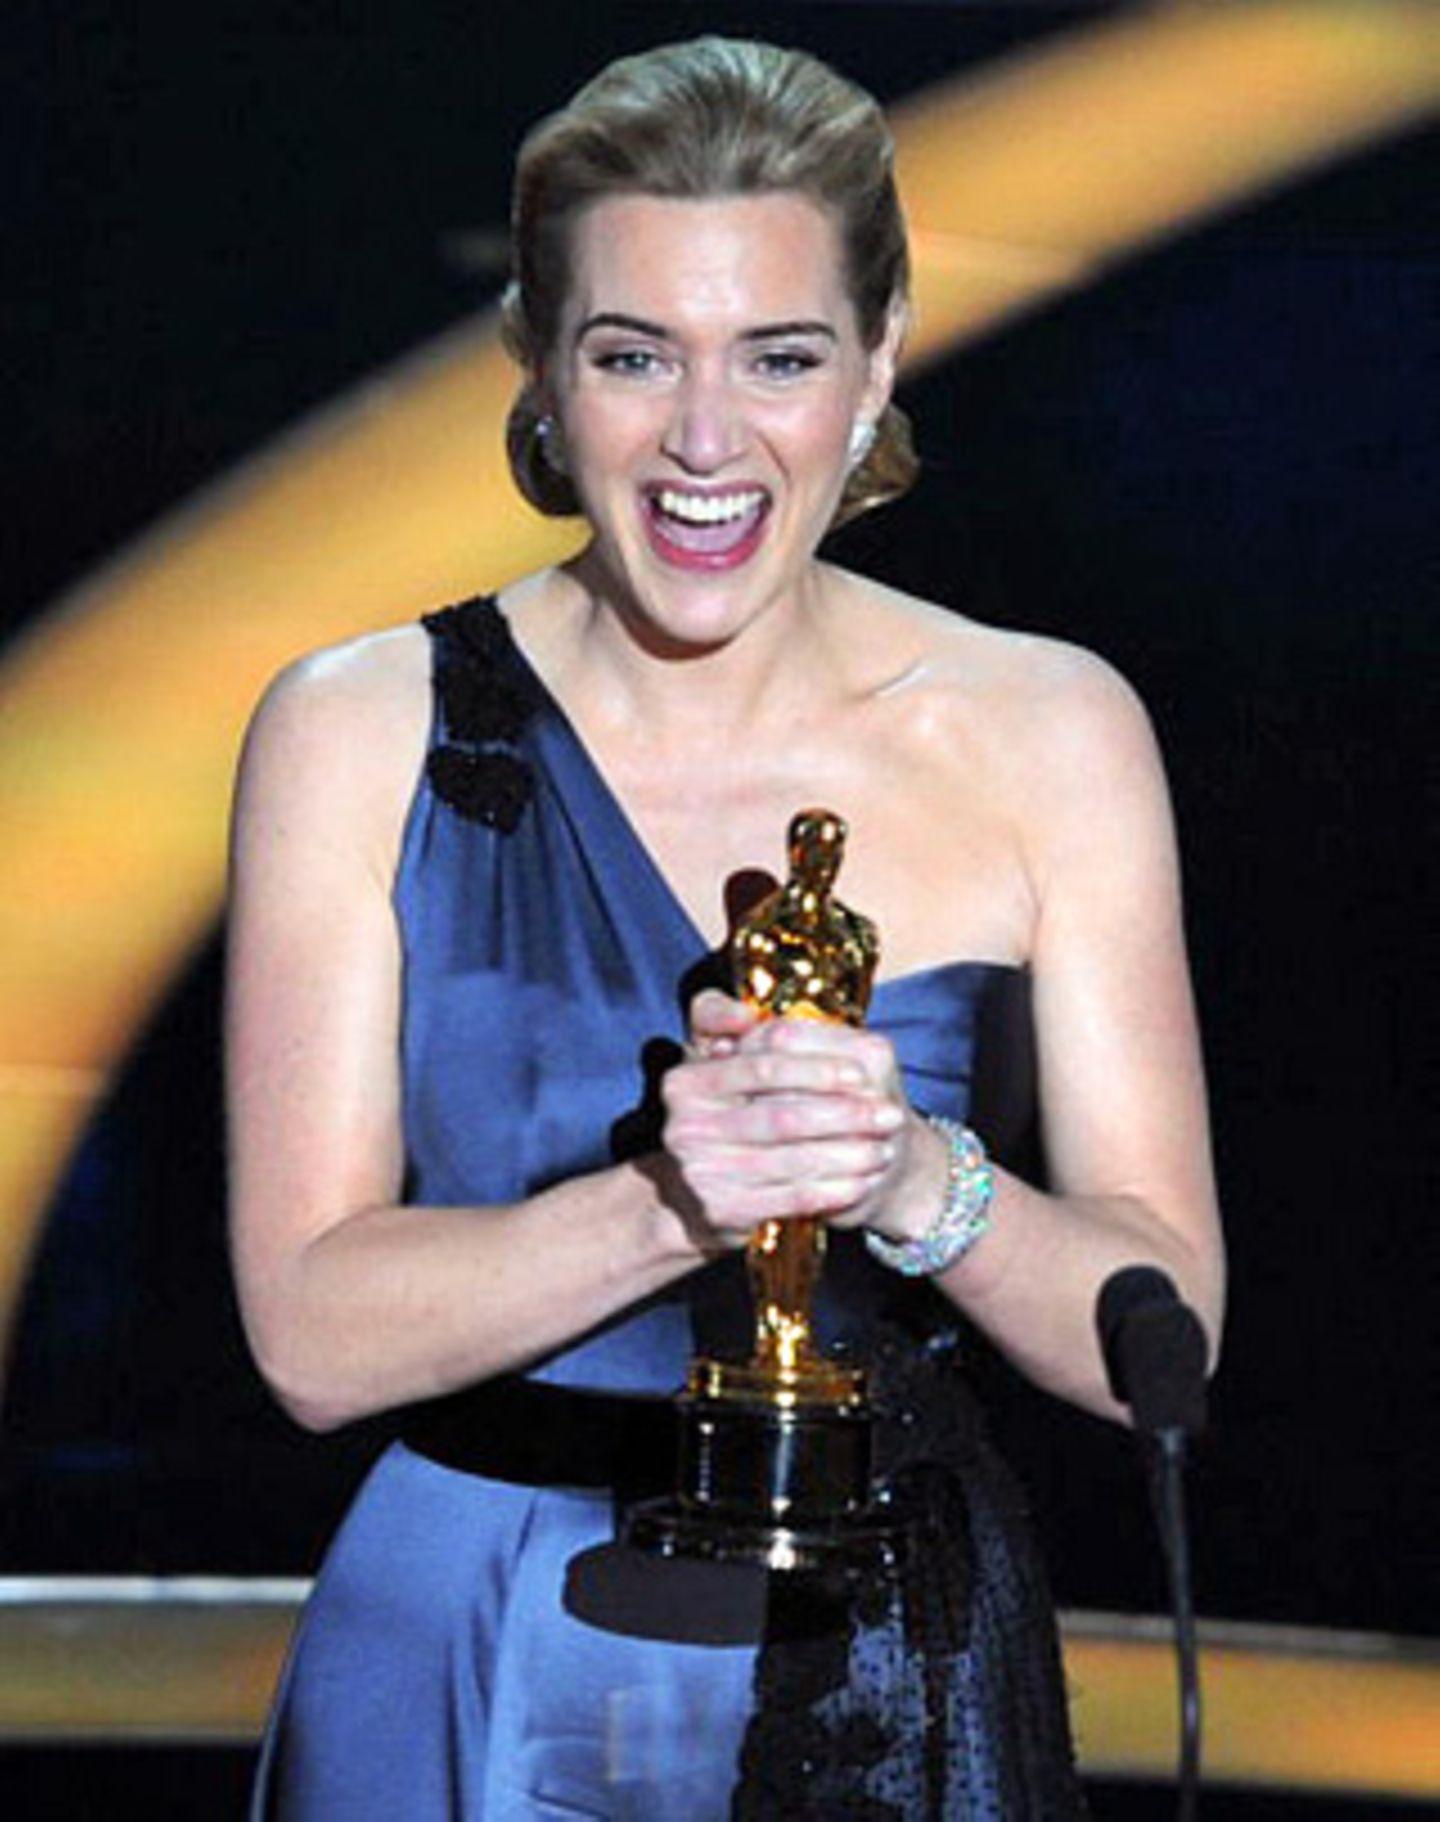 """Im fünften Anlauf zu Gold: Kate Winslet bekam den Oscar als beste Hauptdarstellerin für """"Der Vorleser"""" und gestand, schon als Achtjährige vor dem Spiegel für diesen großen Moment geübt zu haben - mit einer Shampoo-Flasche als Oscar-Ersatz."""